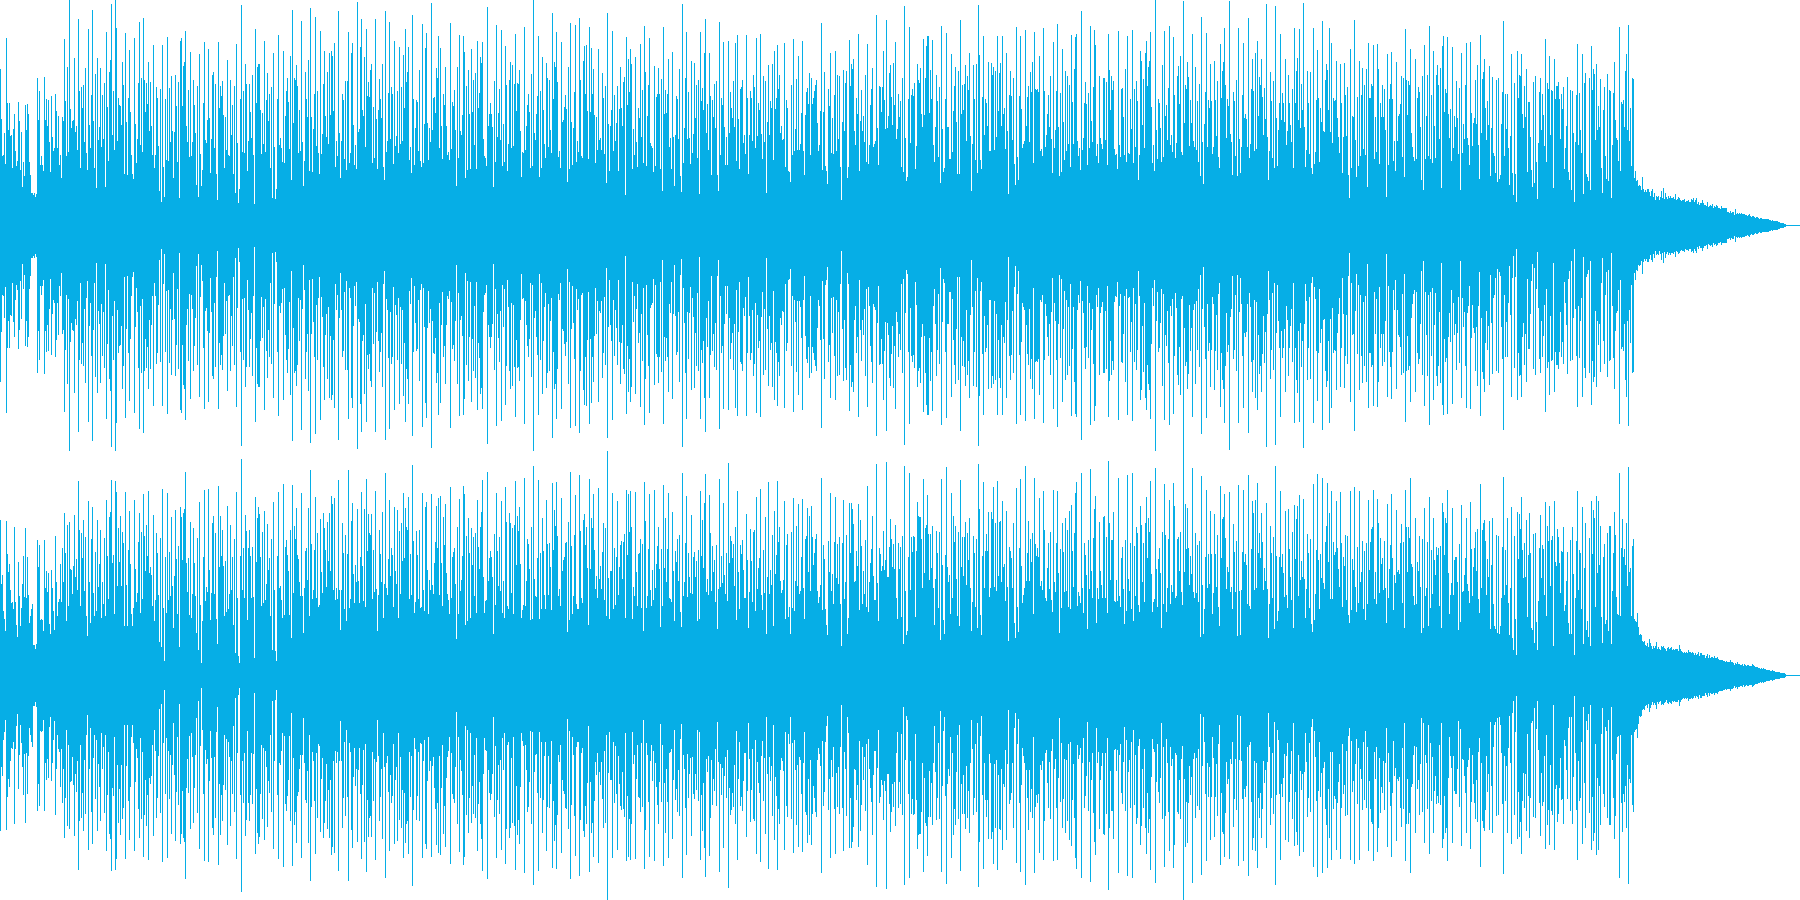 オケ・ヒット音と切ないピアノが印象的な曲の再生済みの波形